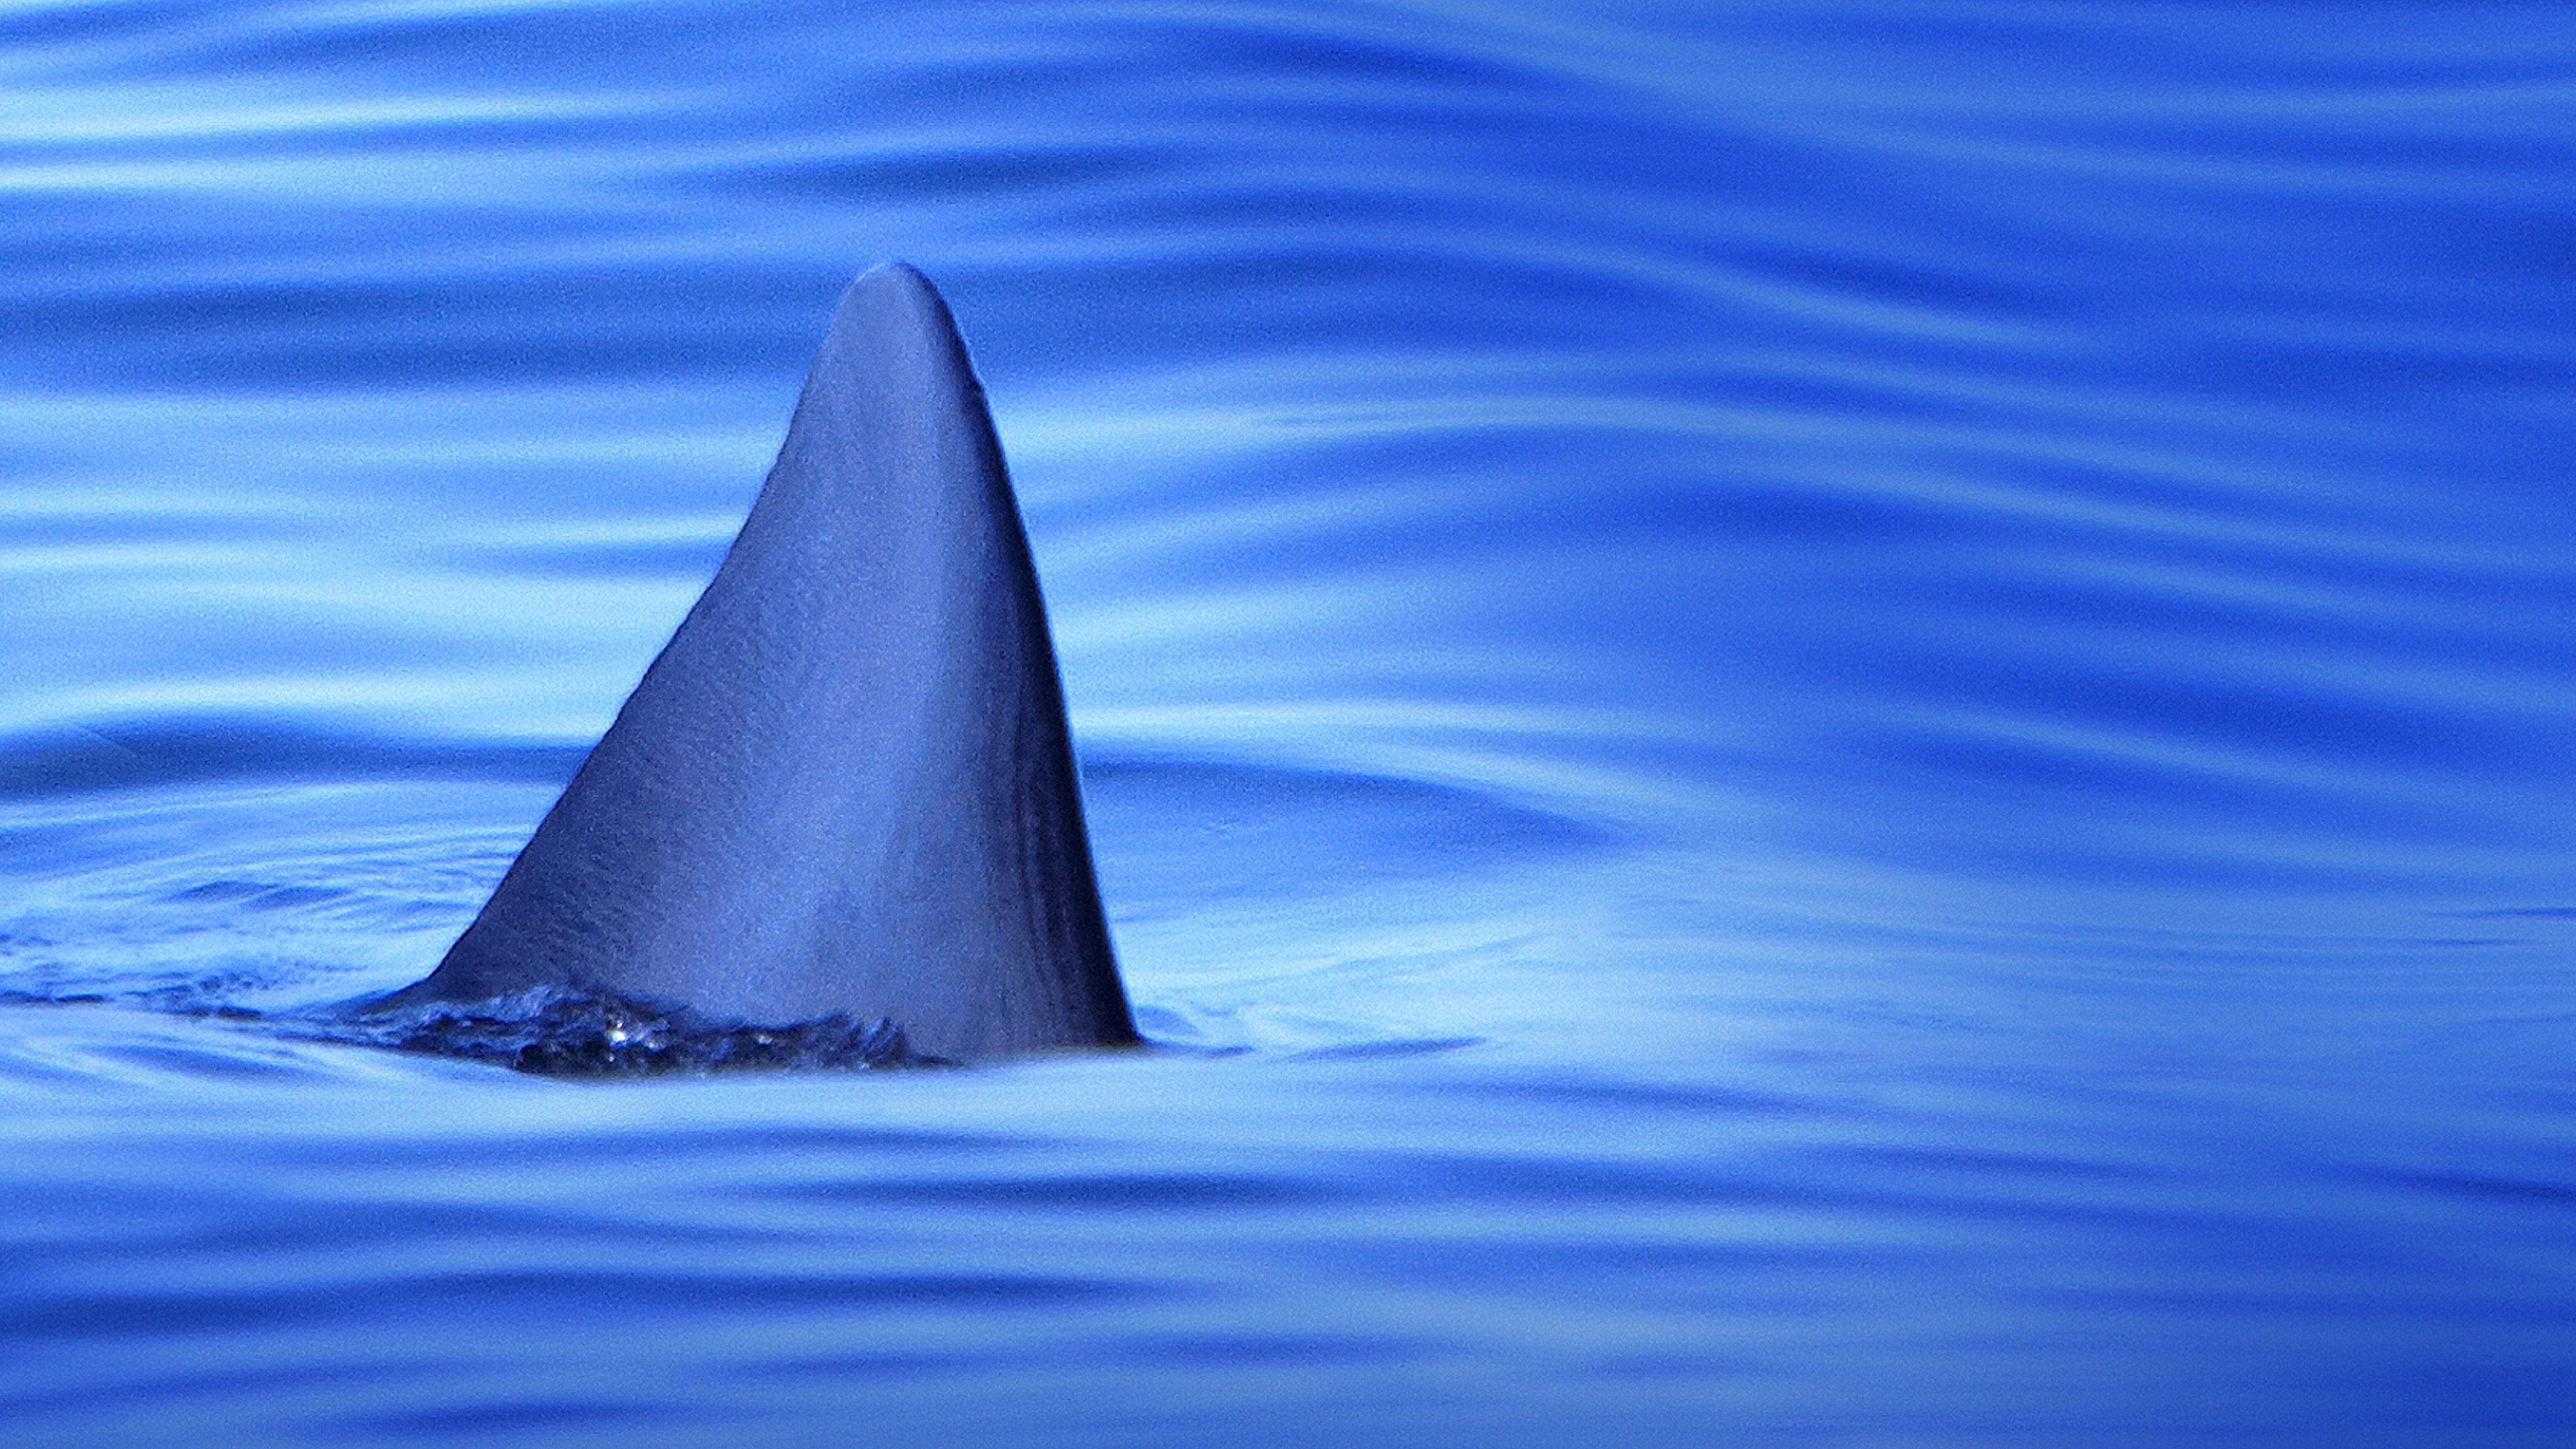 Sharks of the Badlands